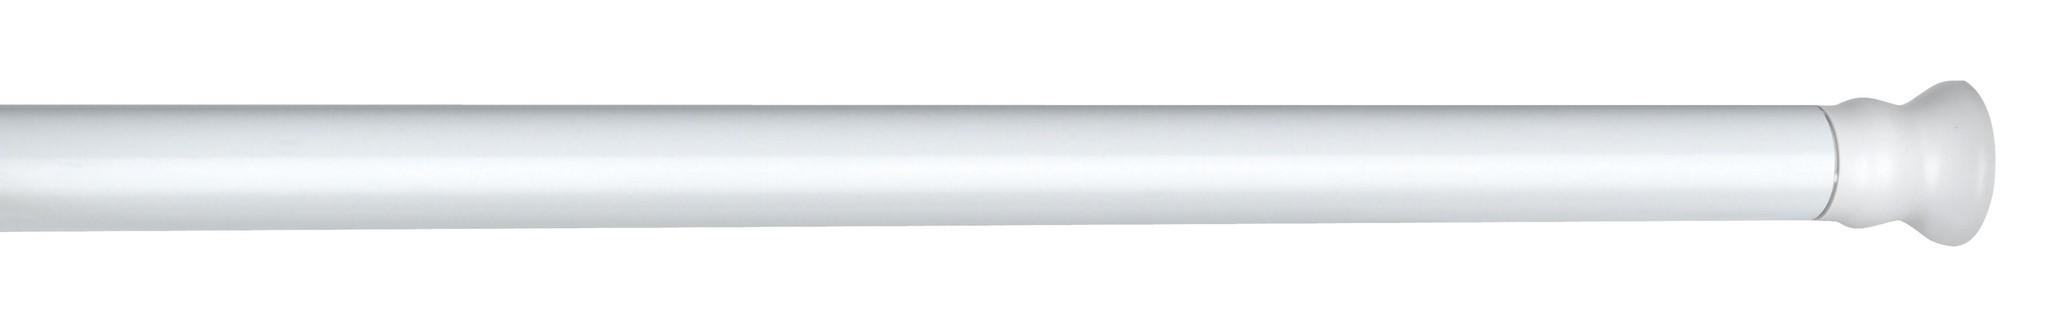 Teleskop Duschstange extra stark Weiß, 110 - 245 cm